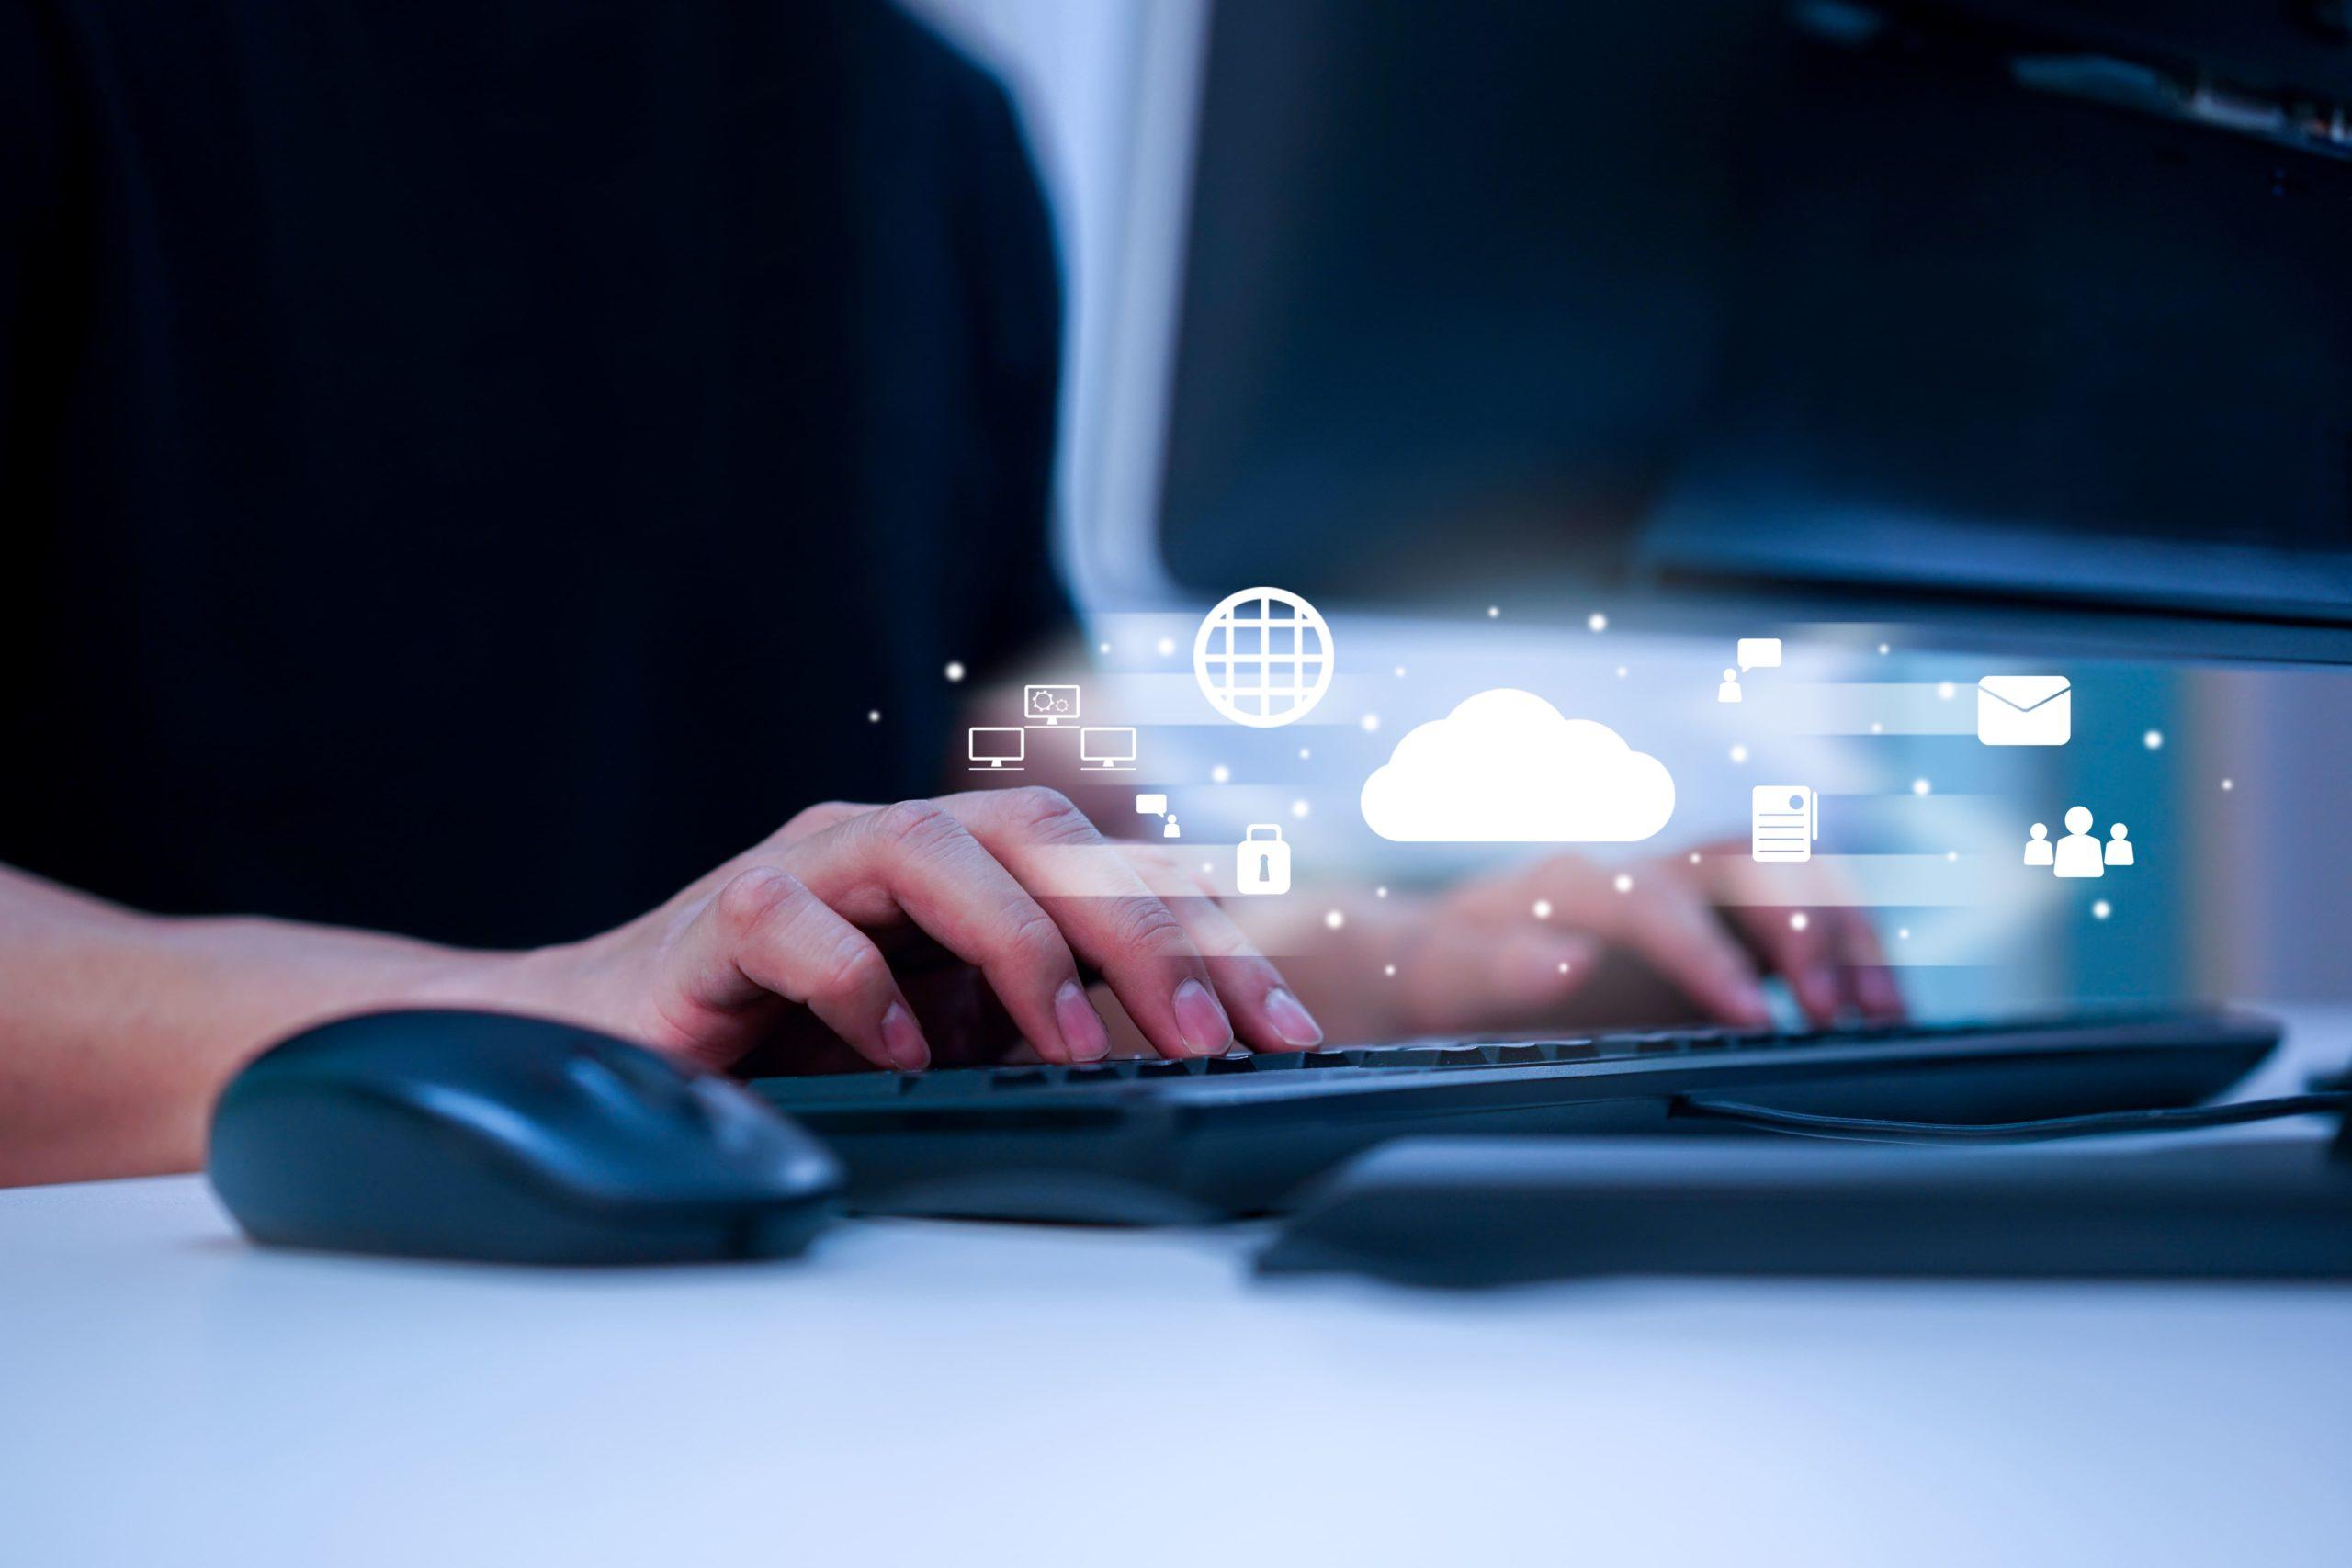 Quels sont les avantages d'une sauvegarde externalisée des données